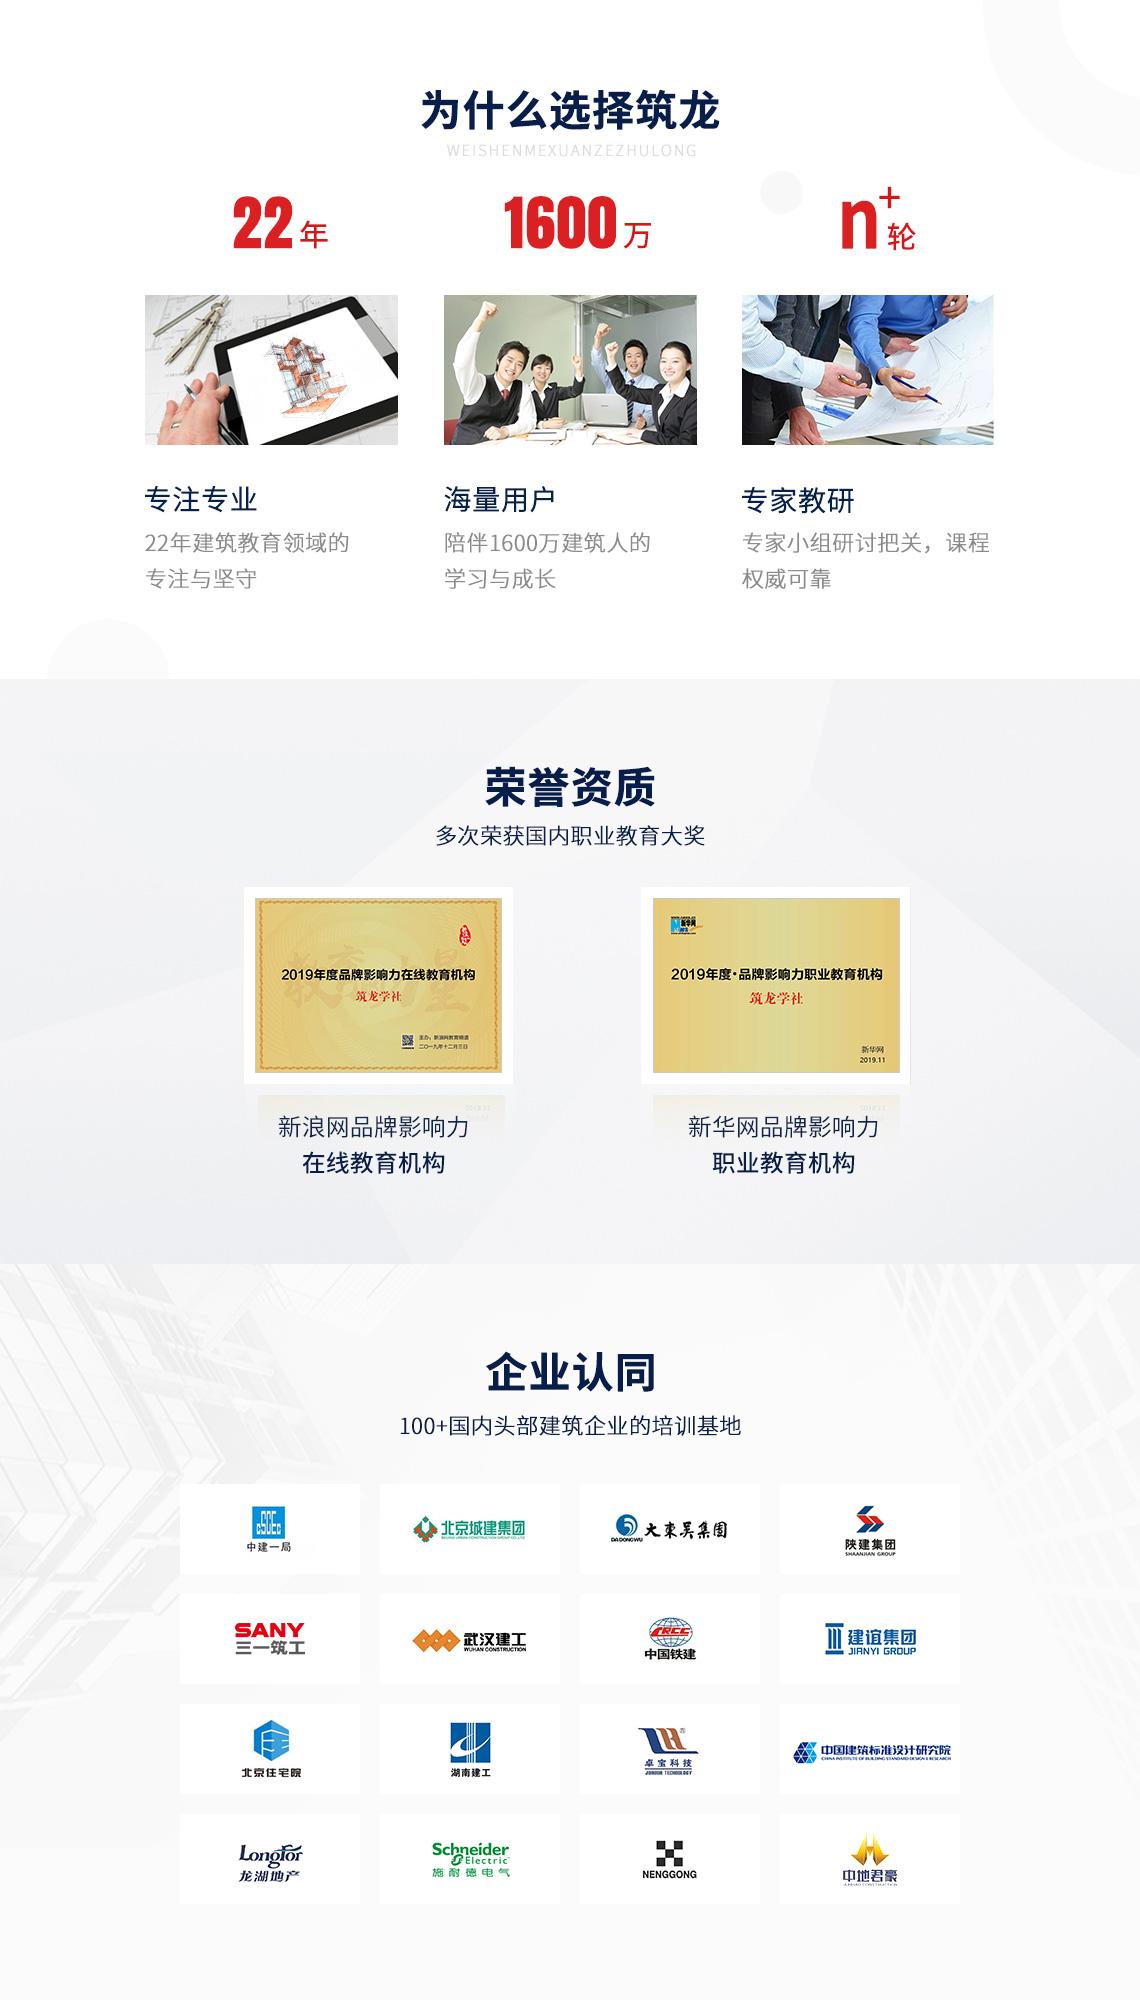 最后一页宣传 seo关键字 :给排水施工图,建筑给排水安装,给水排水工程施工